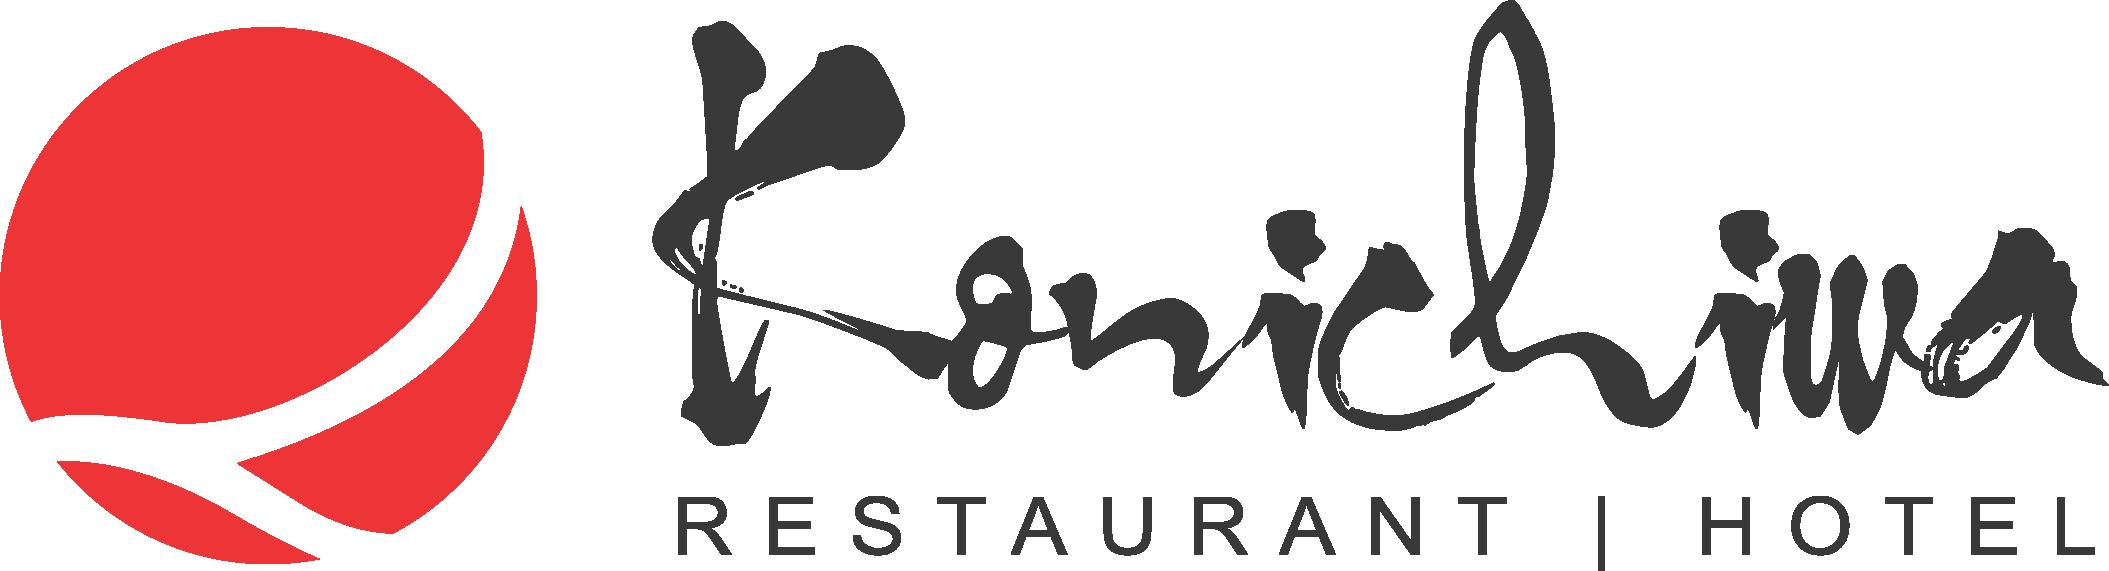 konichiwa-logo